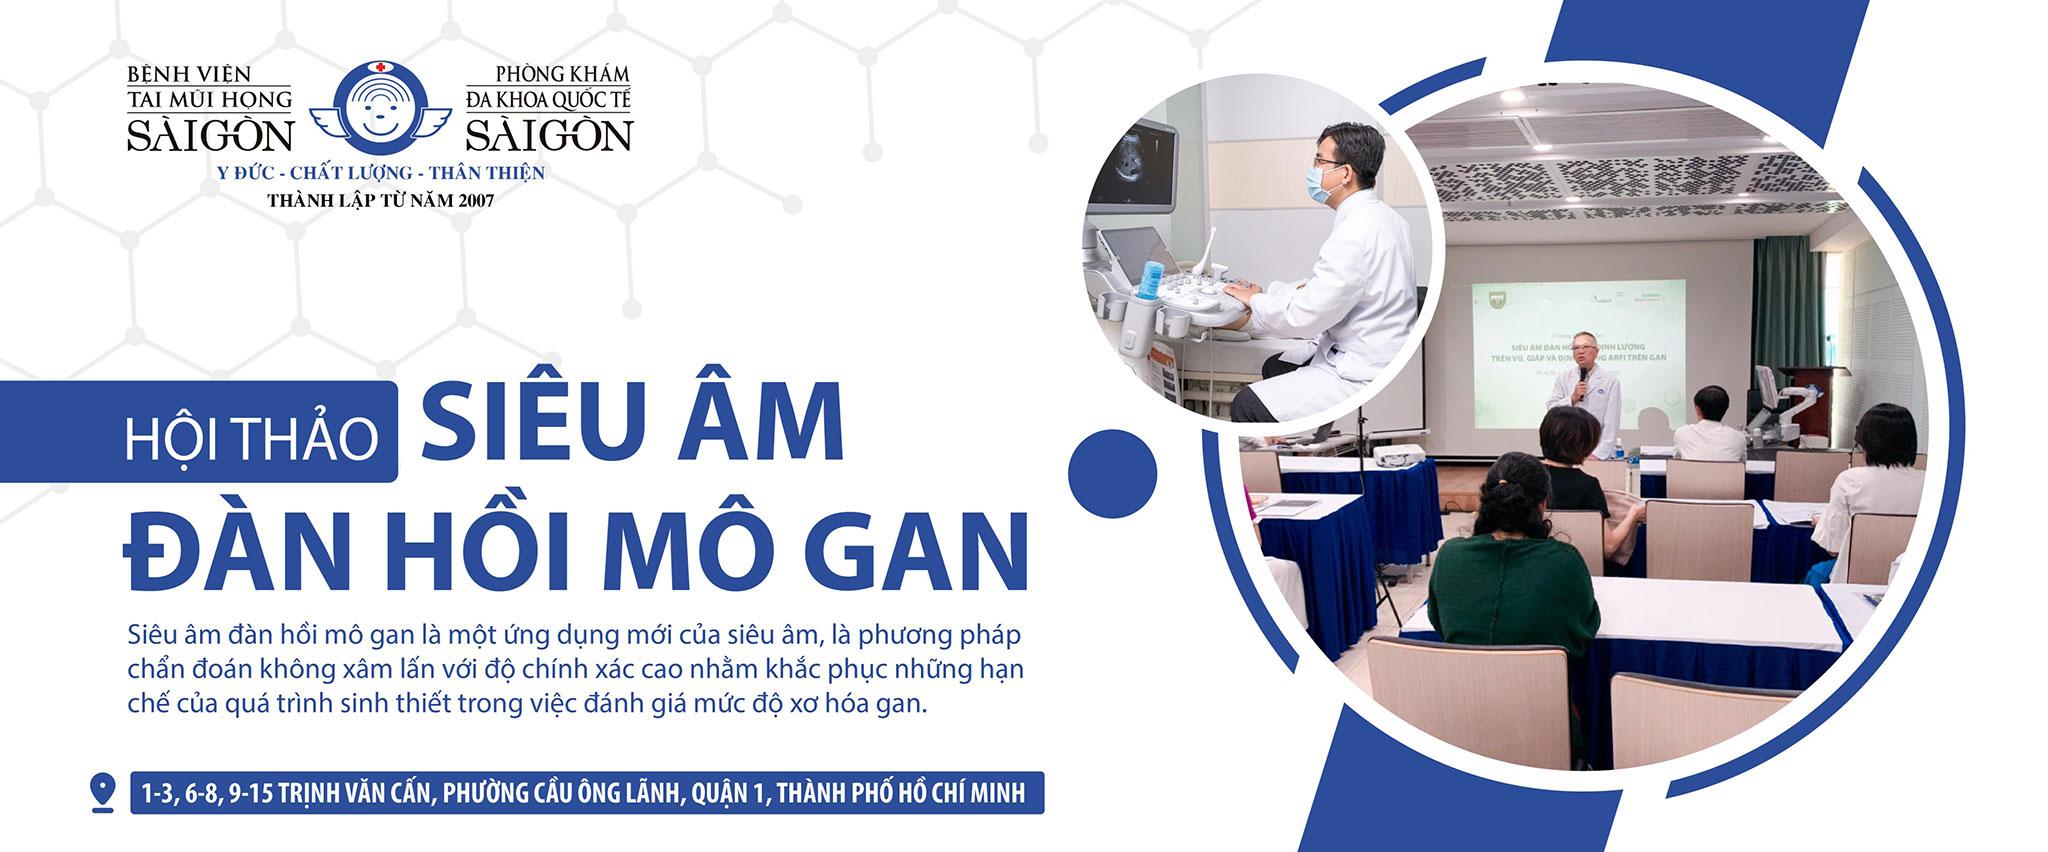 SIÊU ÂM ĐÀN HỒI MÔ GAN | Phòng khám Đa Khoa Quốc tế Sài Gòn